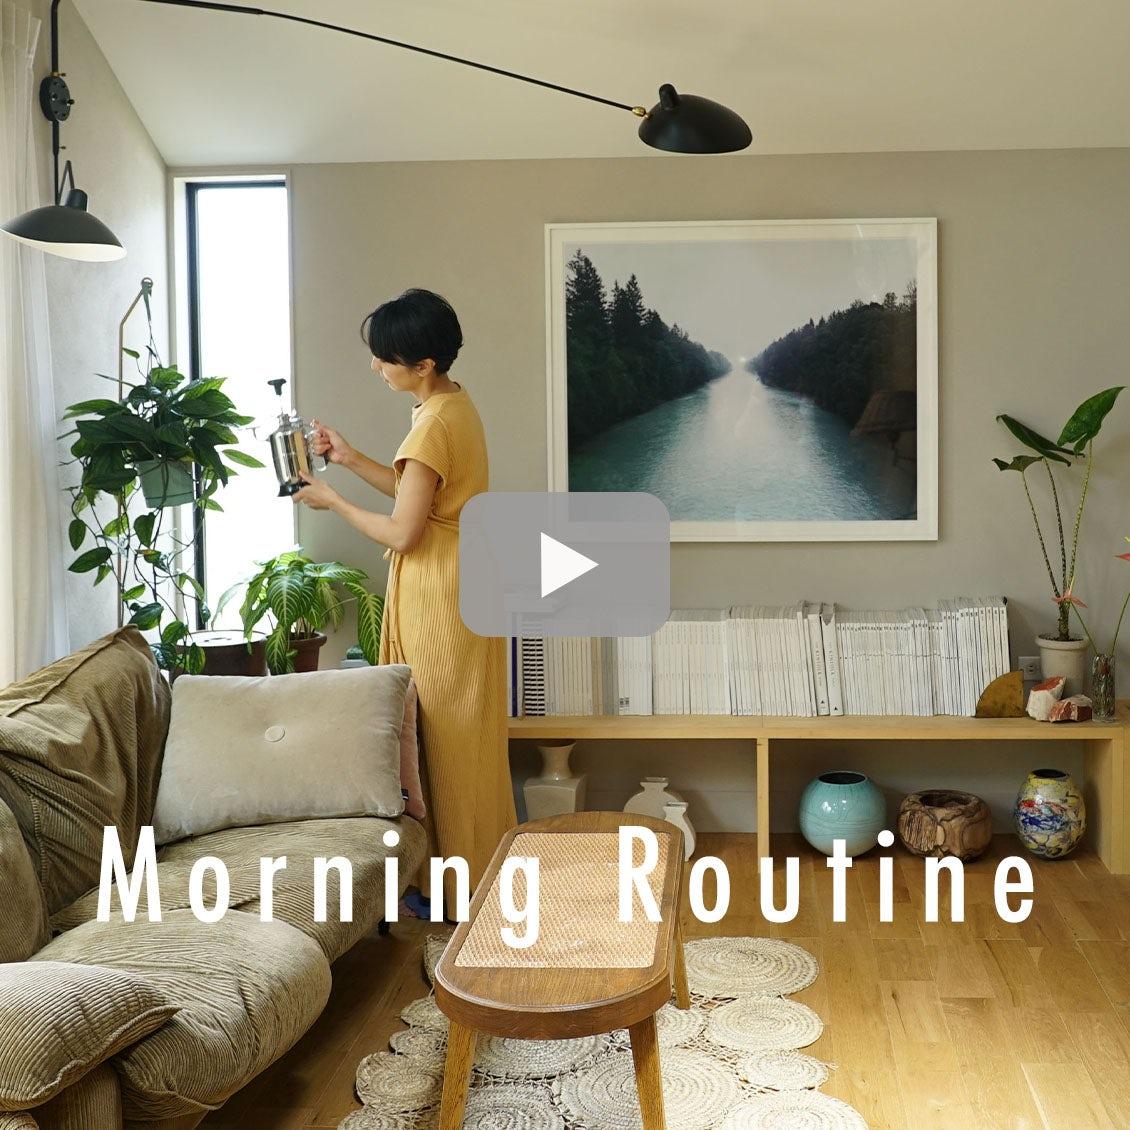 【わたしの朝習慣】植物のお手入れと掃除でスイッチオン。朝早い夫との時間差をうまく使った家族で囲む朝食じかん。